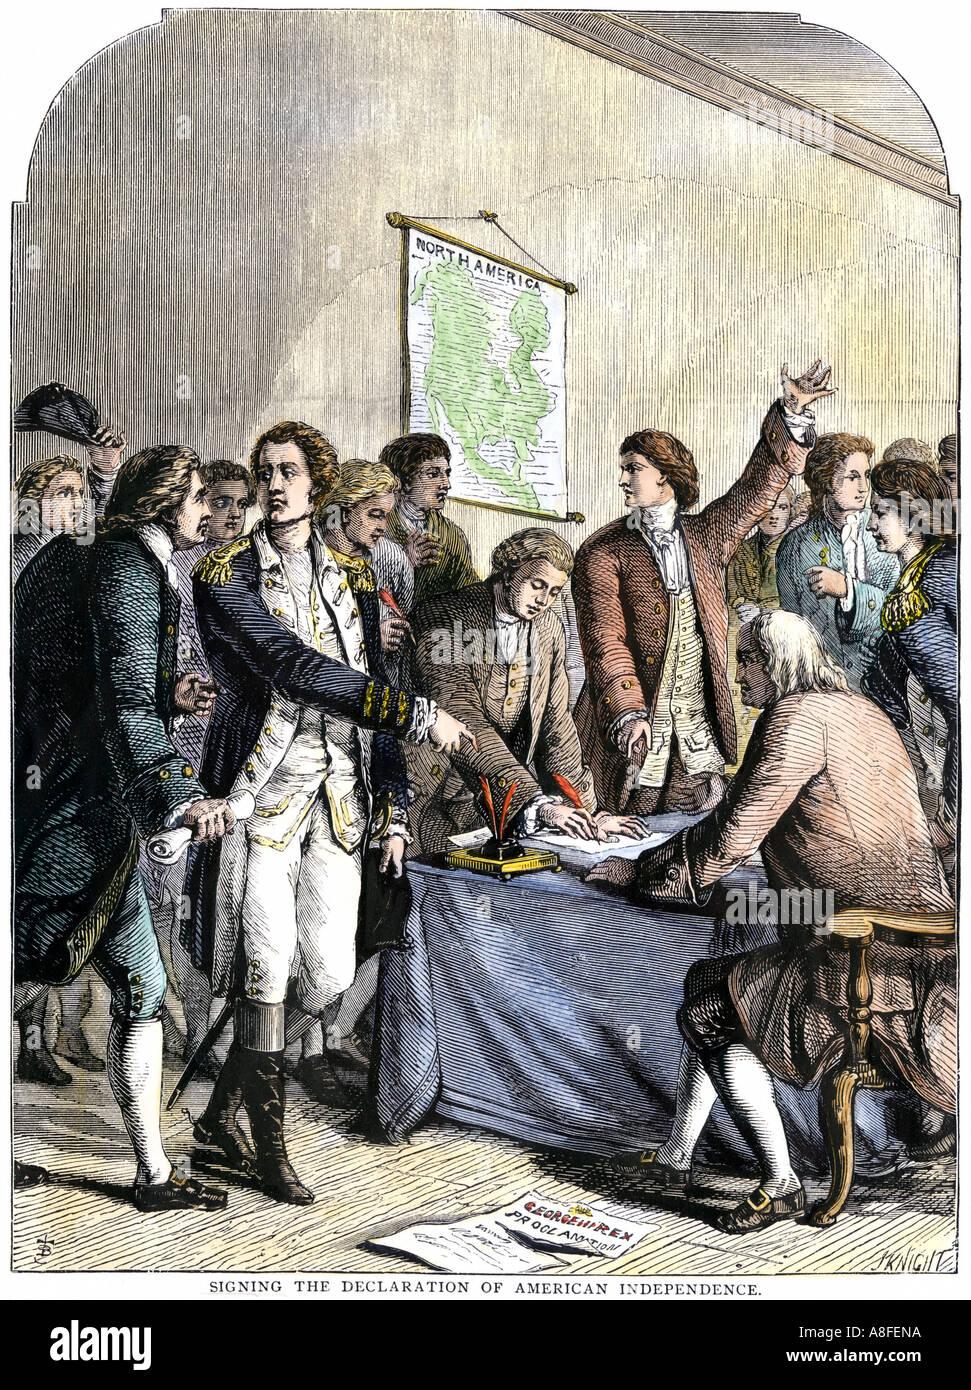 Los delegados firmaron la Declaración de Independencia americana del 4 de julio de 1776. Xilografía coloreada a mano Imagen De Stock